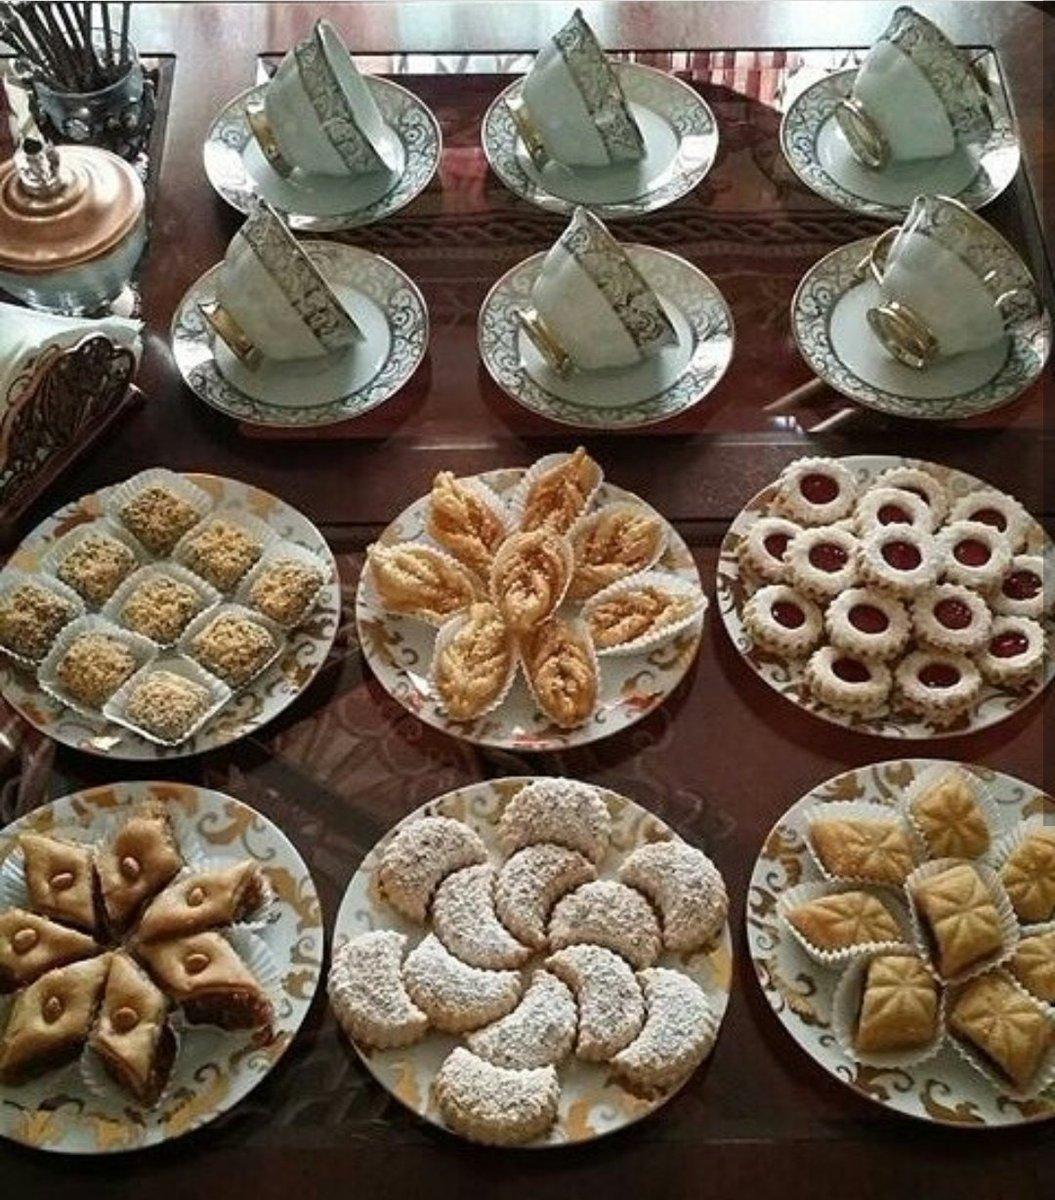 صورة حلويات بالصور الجزائرية , حلويات تجعلك تشعر بالمذاق الجيد